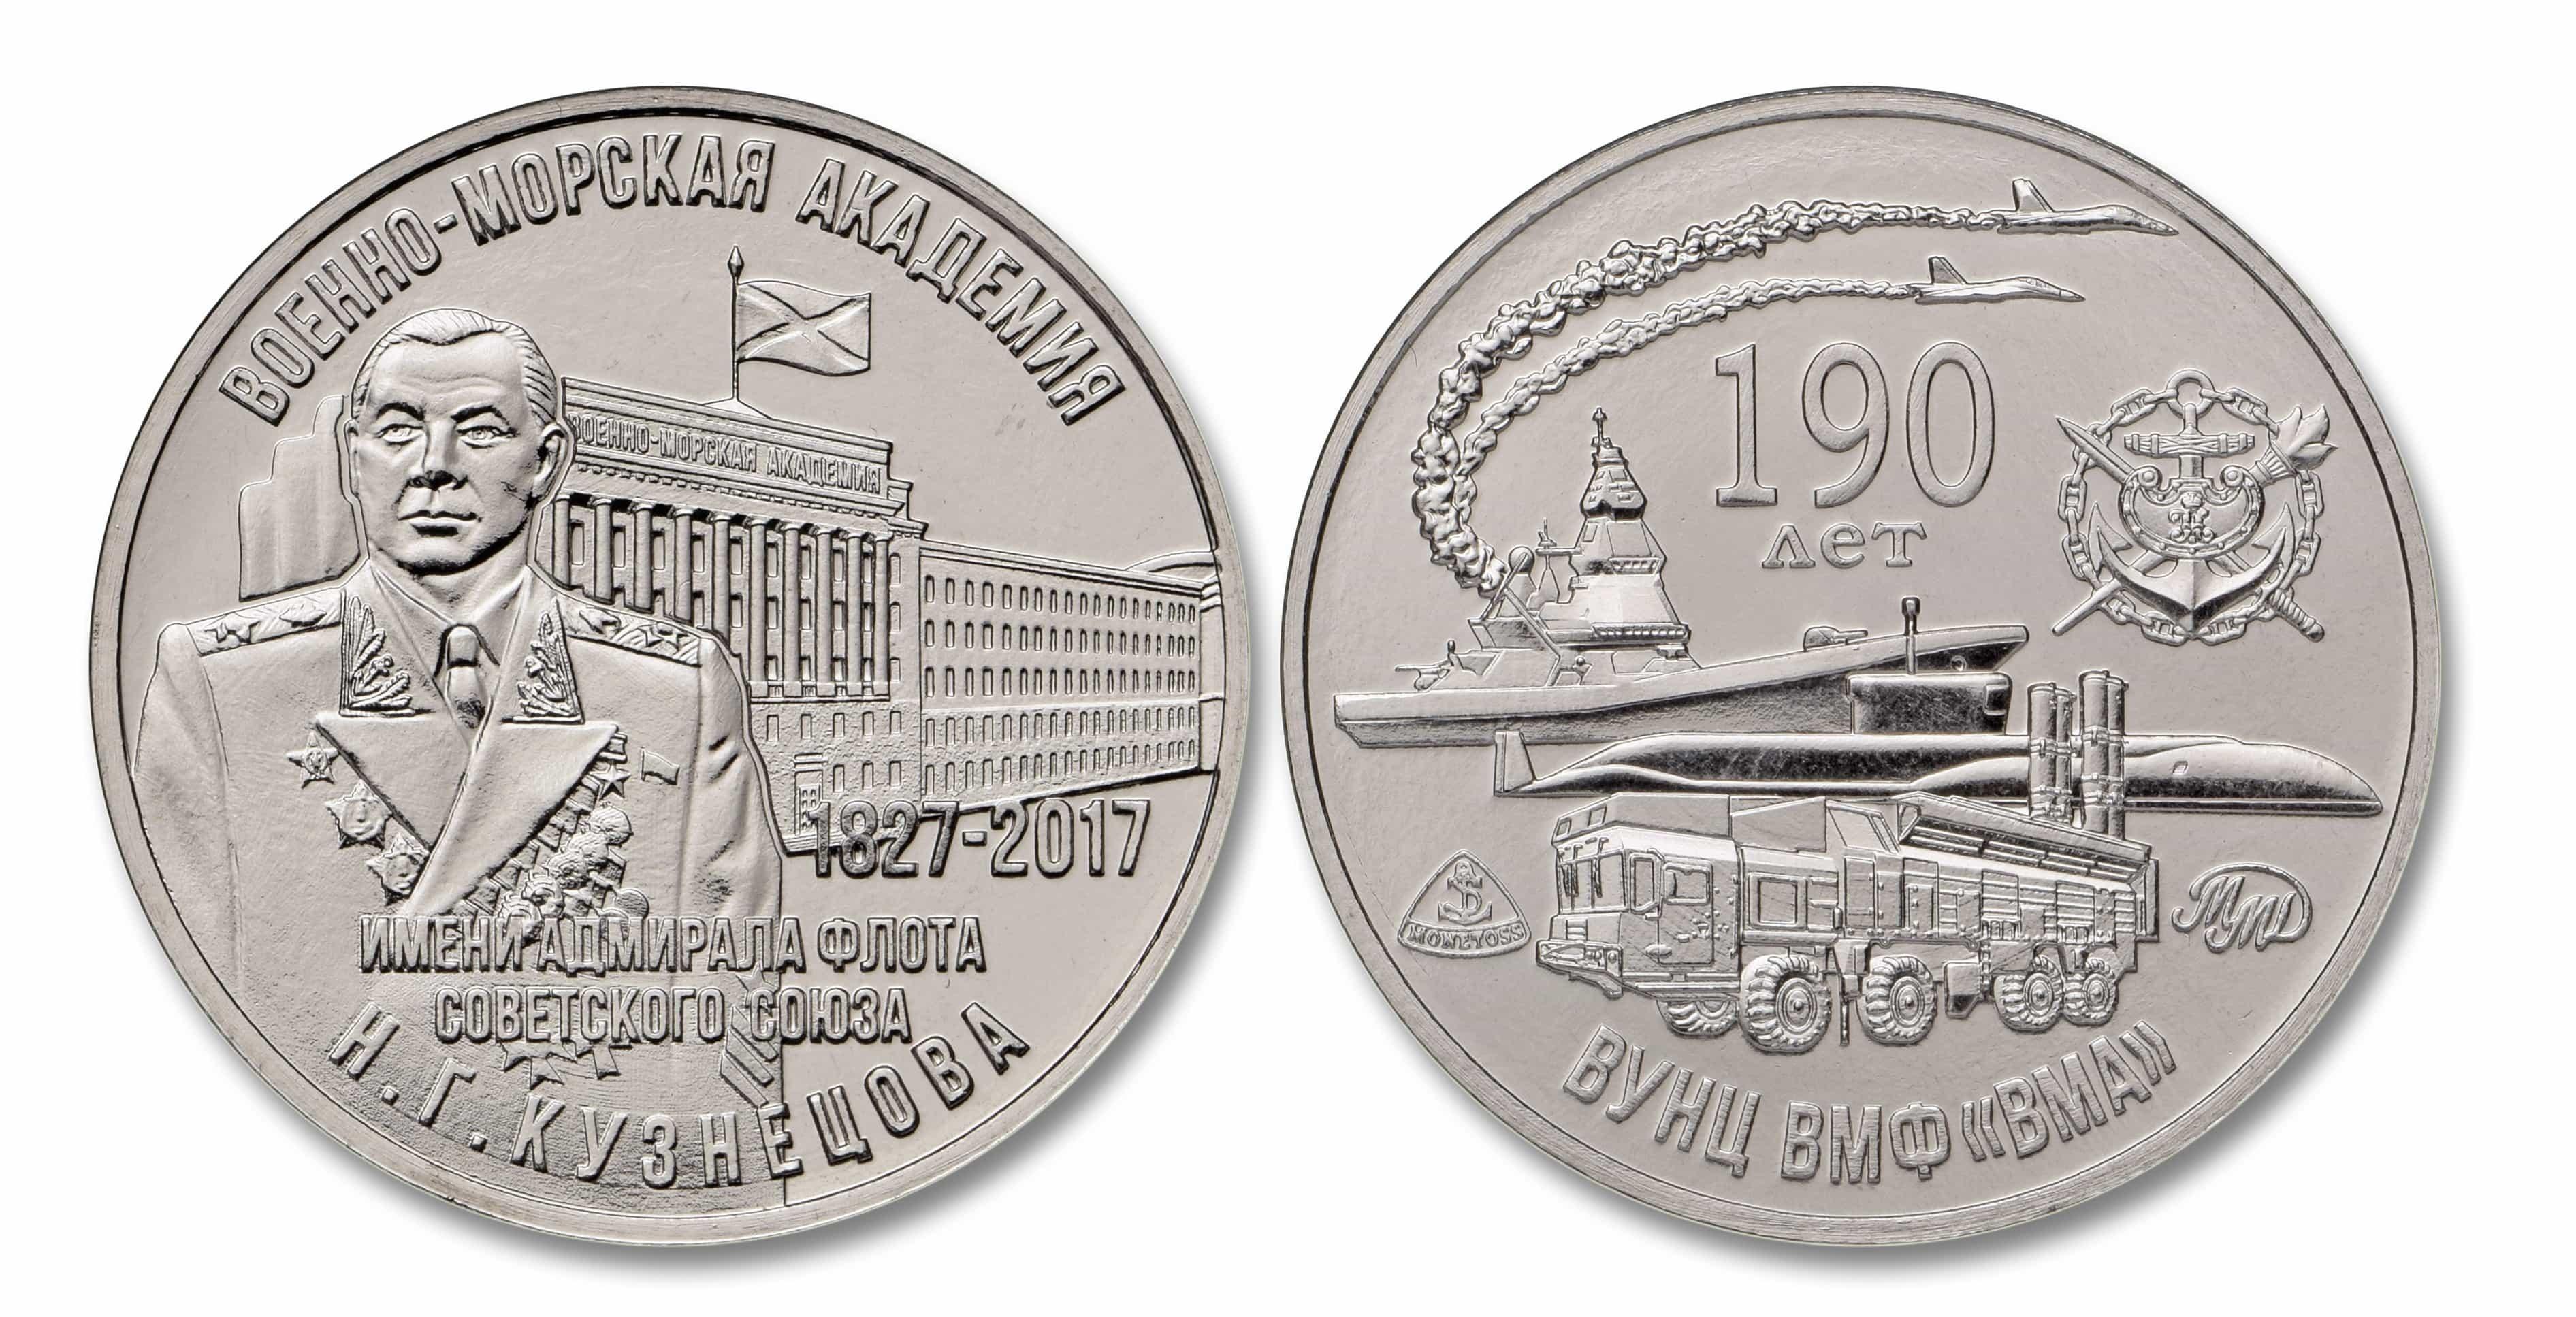 Нумизматический вымпел 190 лет ВУНЦ ВМФ ВМА